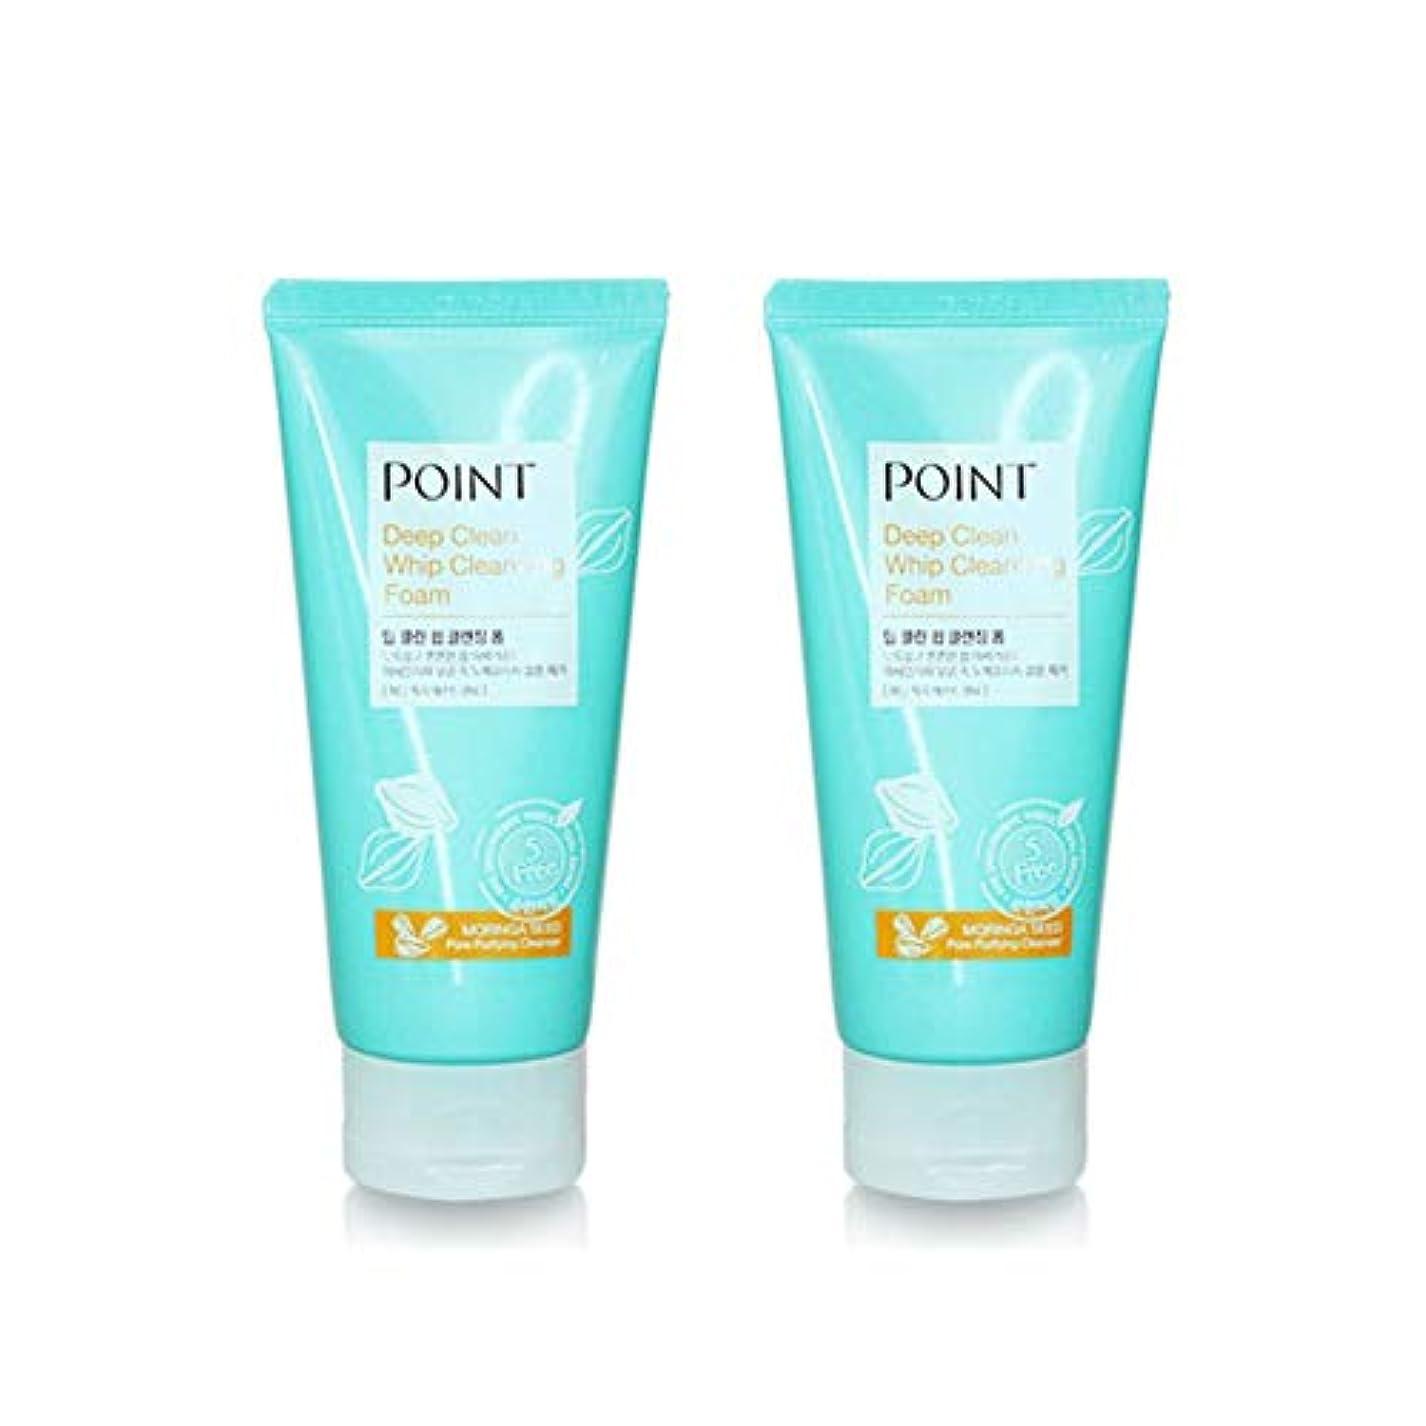 雨の光電凍るポイントディープクリーンホイップクレンジングフォーム175gx2本セット韓国コスメ、Point Deep Clean Whip Cleansing Foam 175g x 2ea Set Korean Cosmetics...